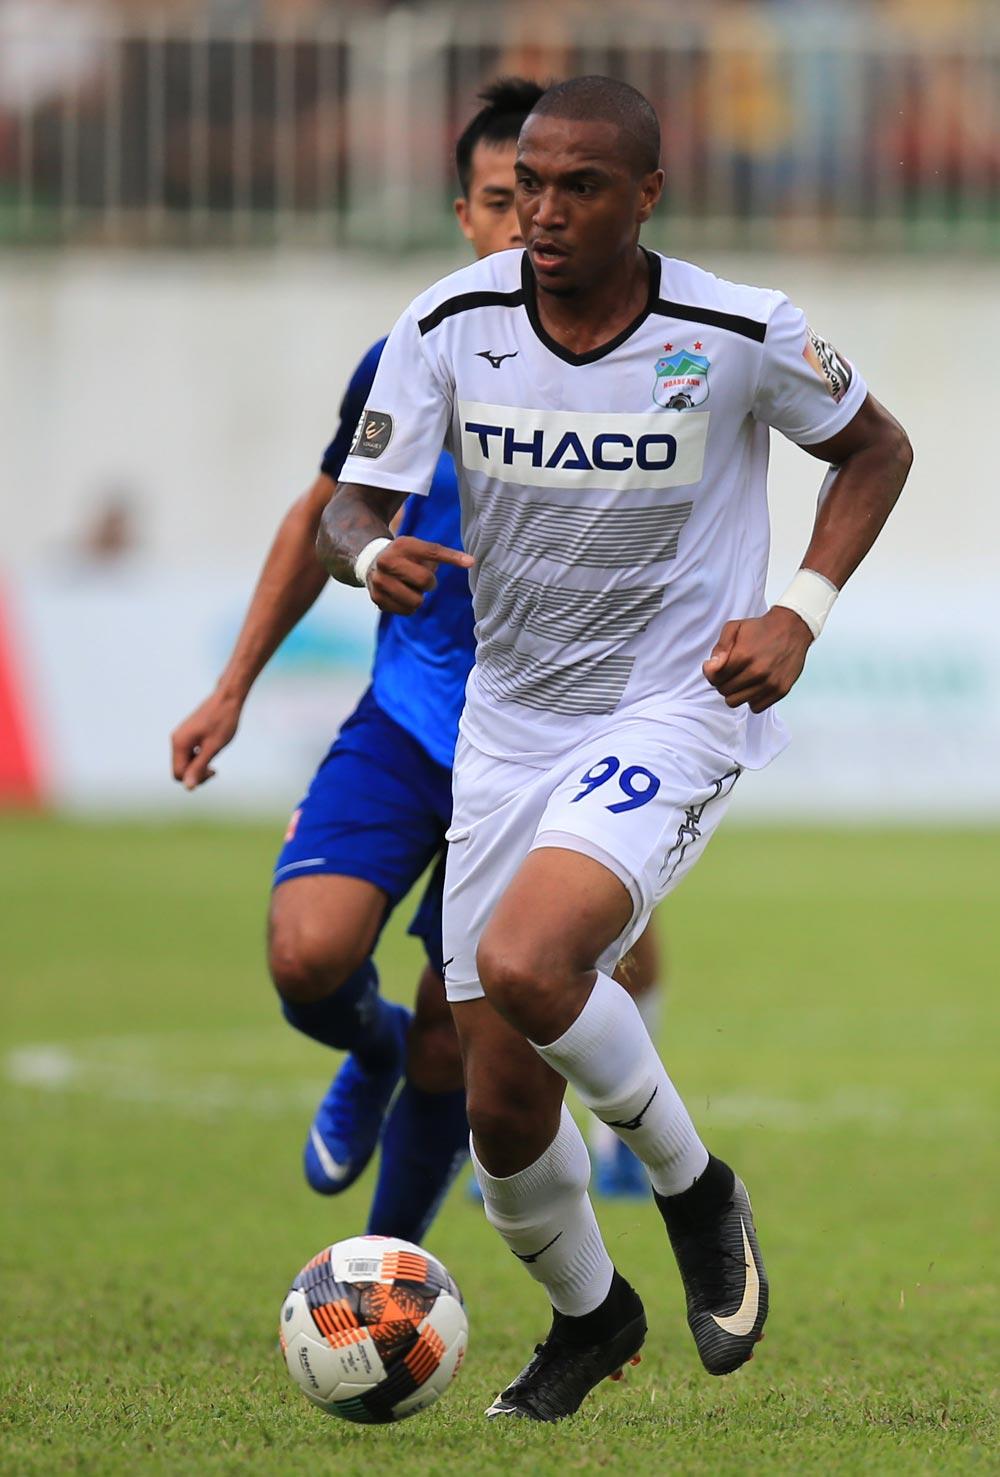 """Phong độ mờ nhạt, Filipe Martins đang là """"gót chân Achilles"""" của HAGL - Bóng Đá"""